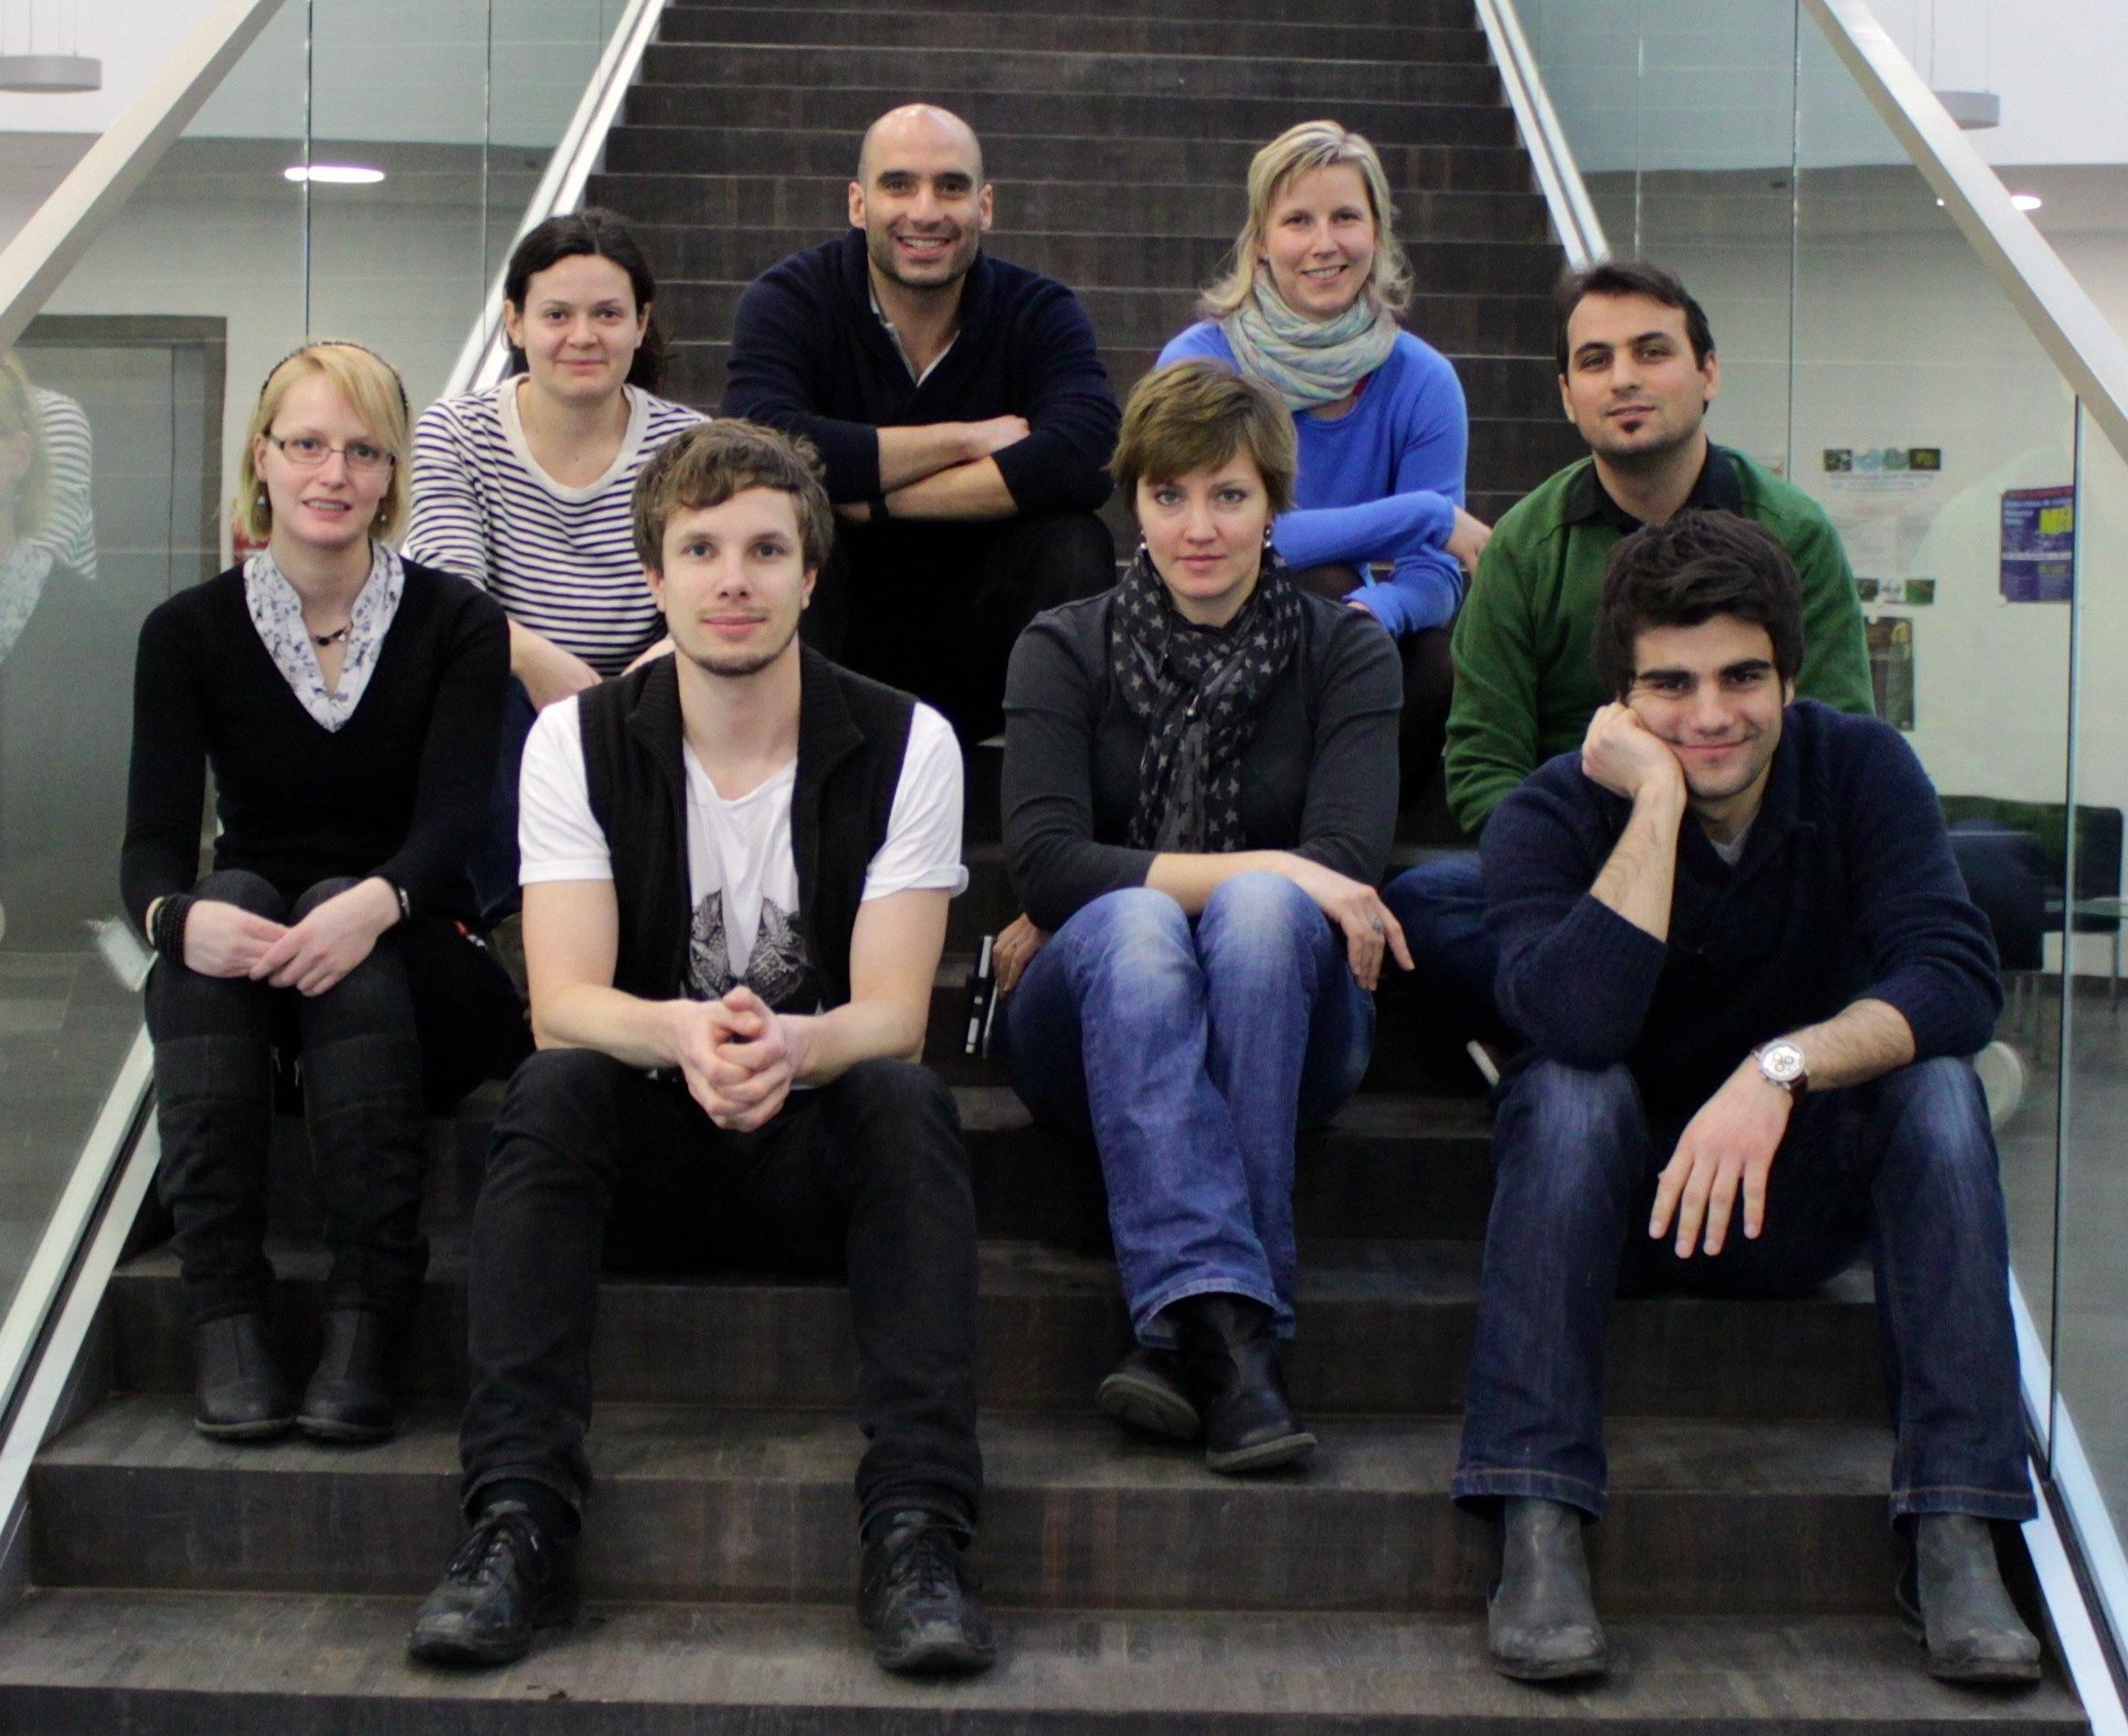 Ofenbauer Berlin lab announcement baris tursun at max delbrück center in berlin